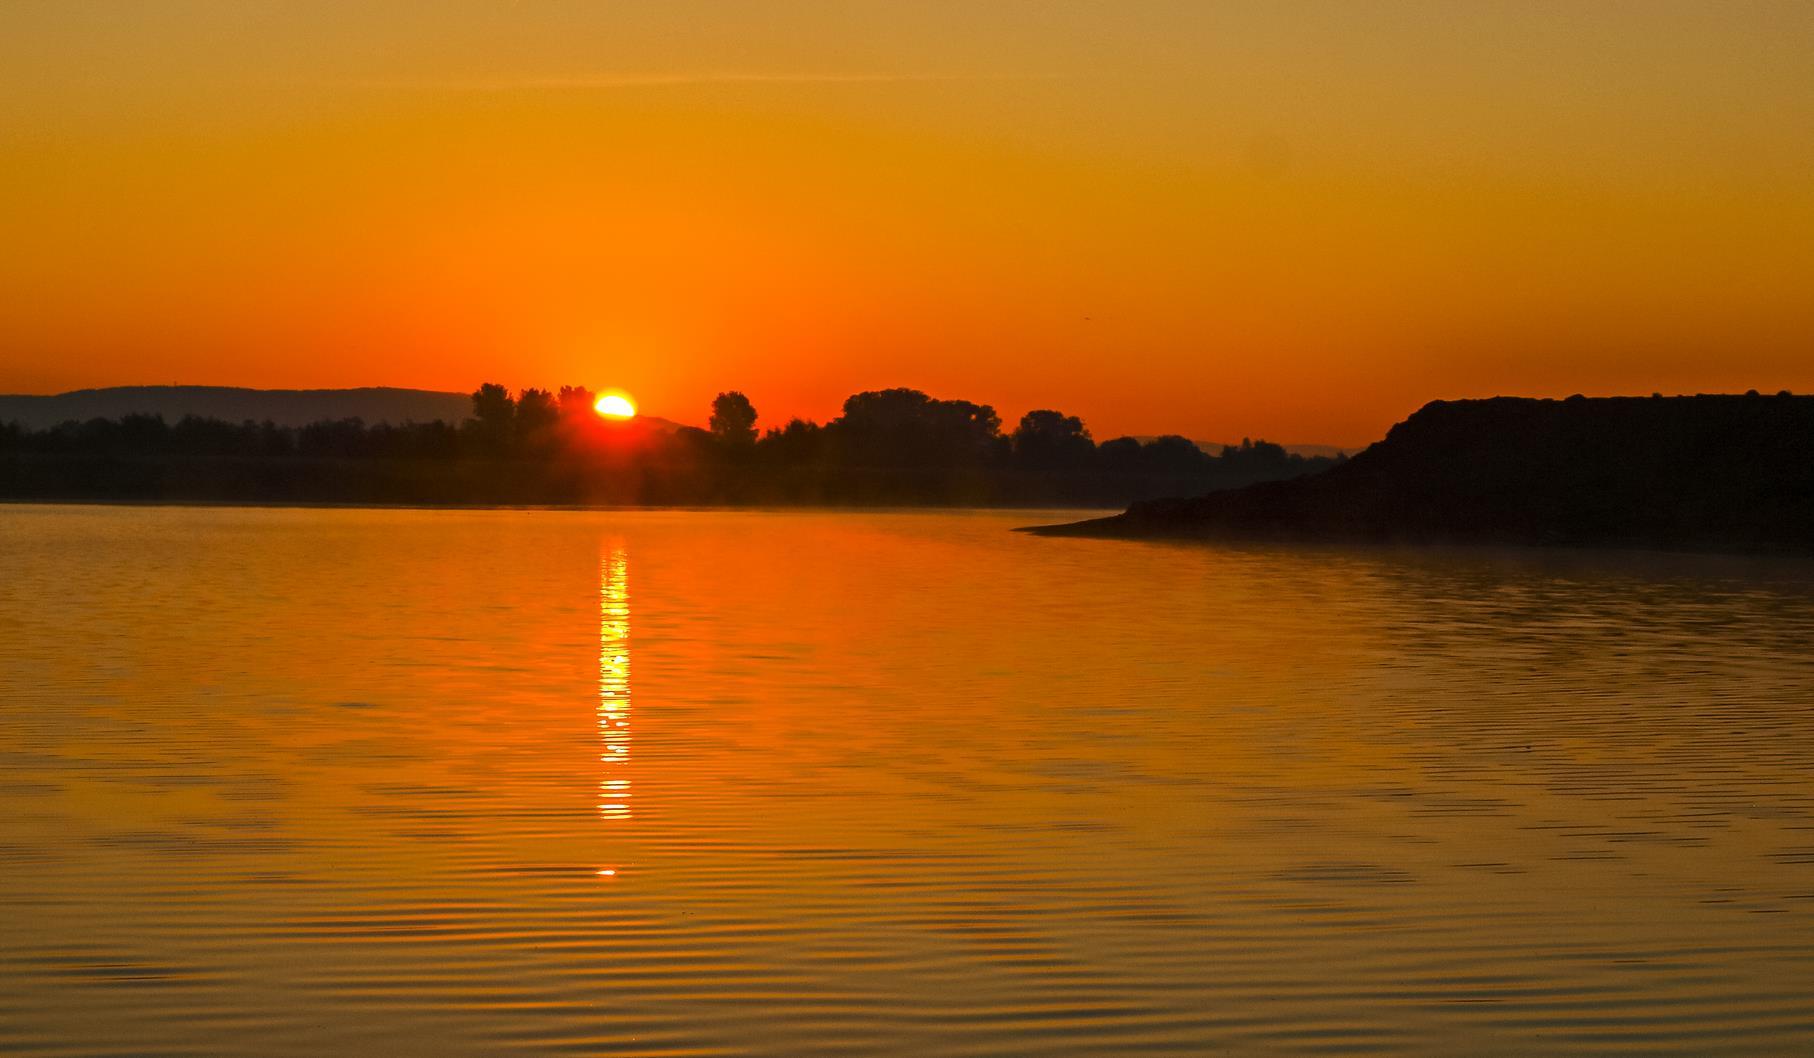 Farbenprächtiger Sonnenaufgang an einem Oktobermorgen.